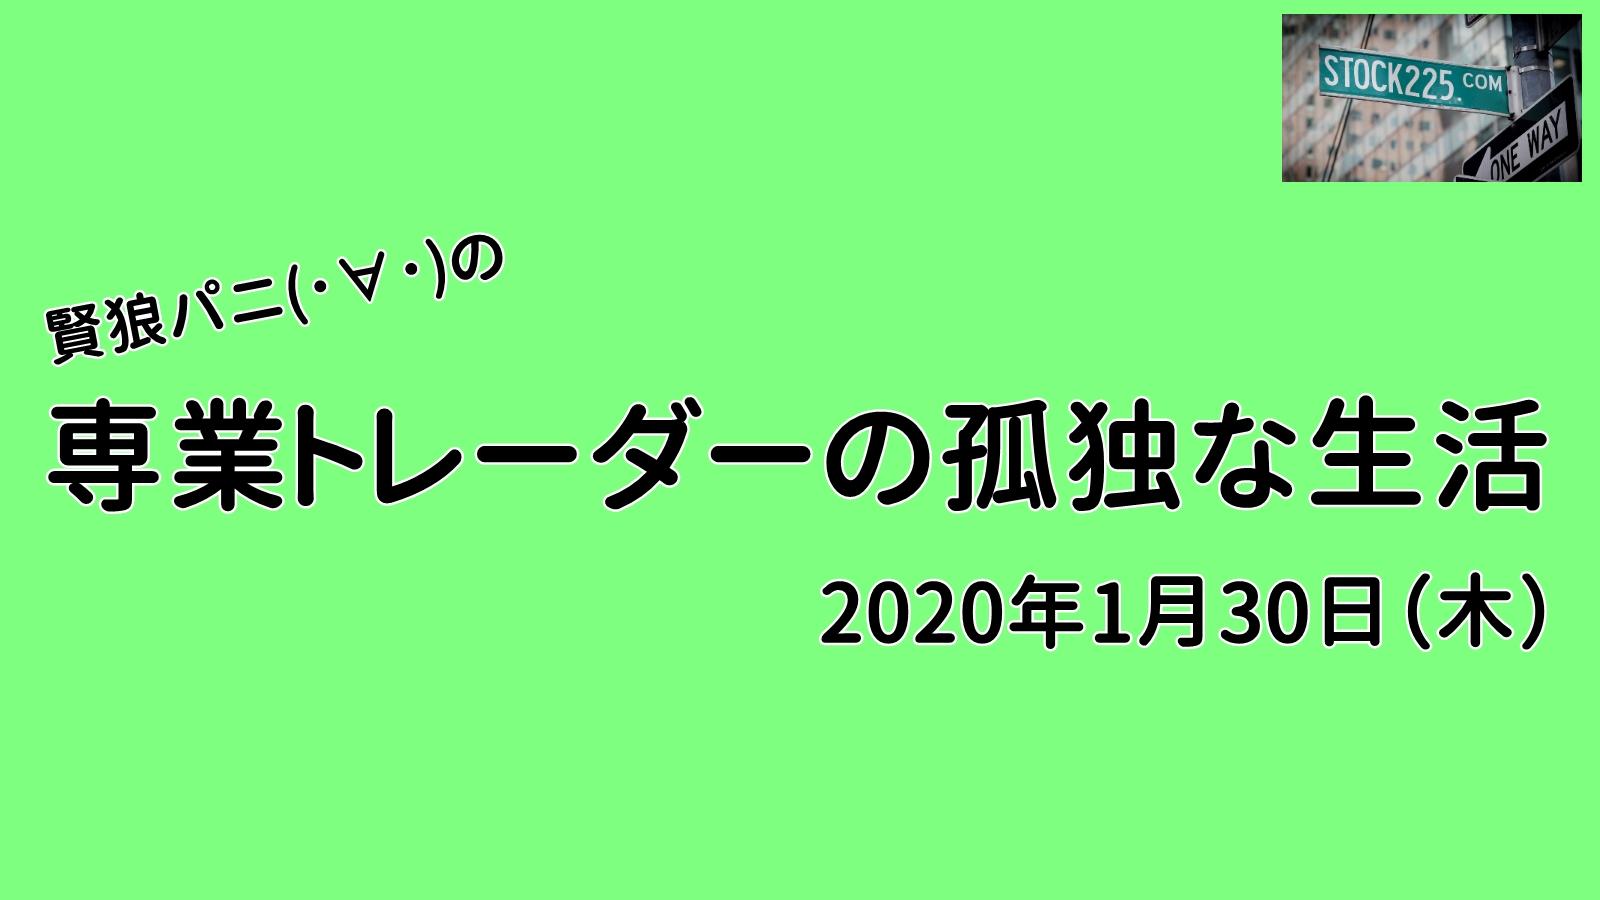 専業トレーダーの孤独な生活20200130